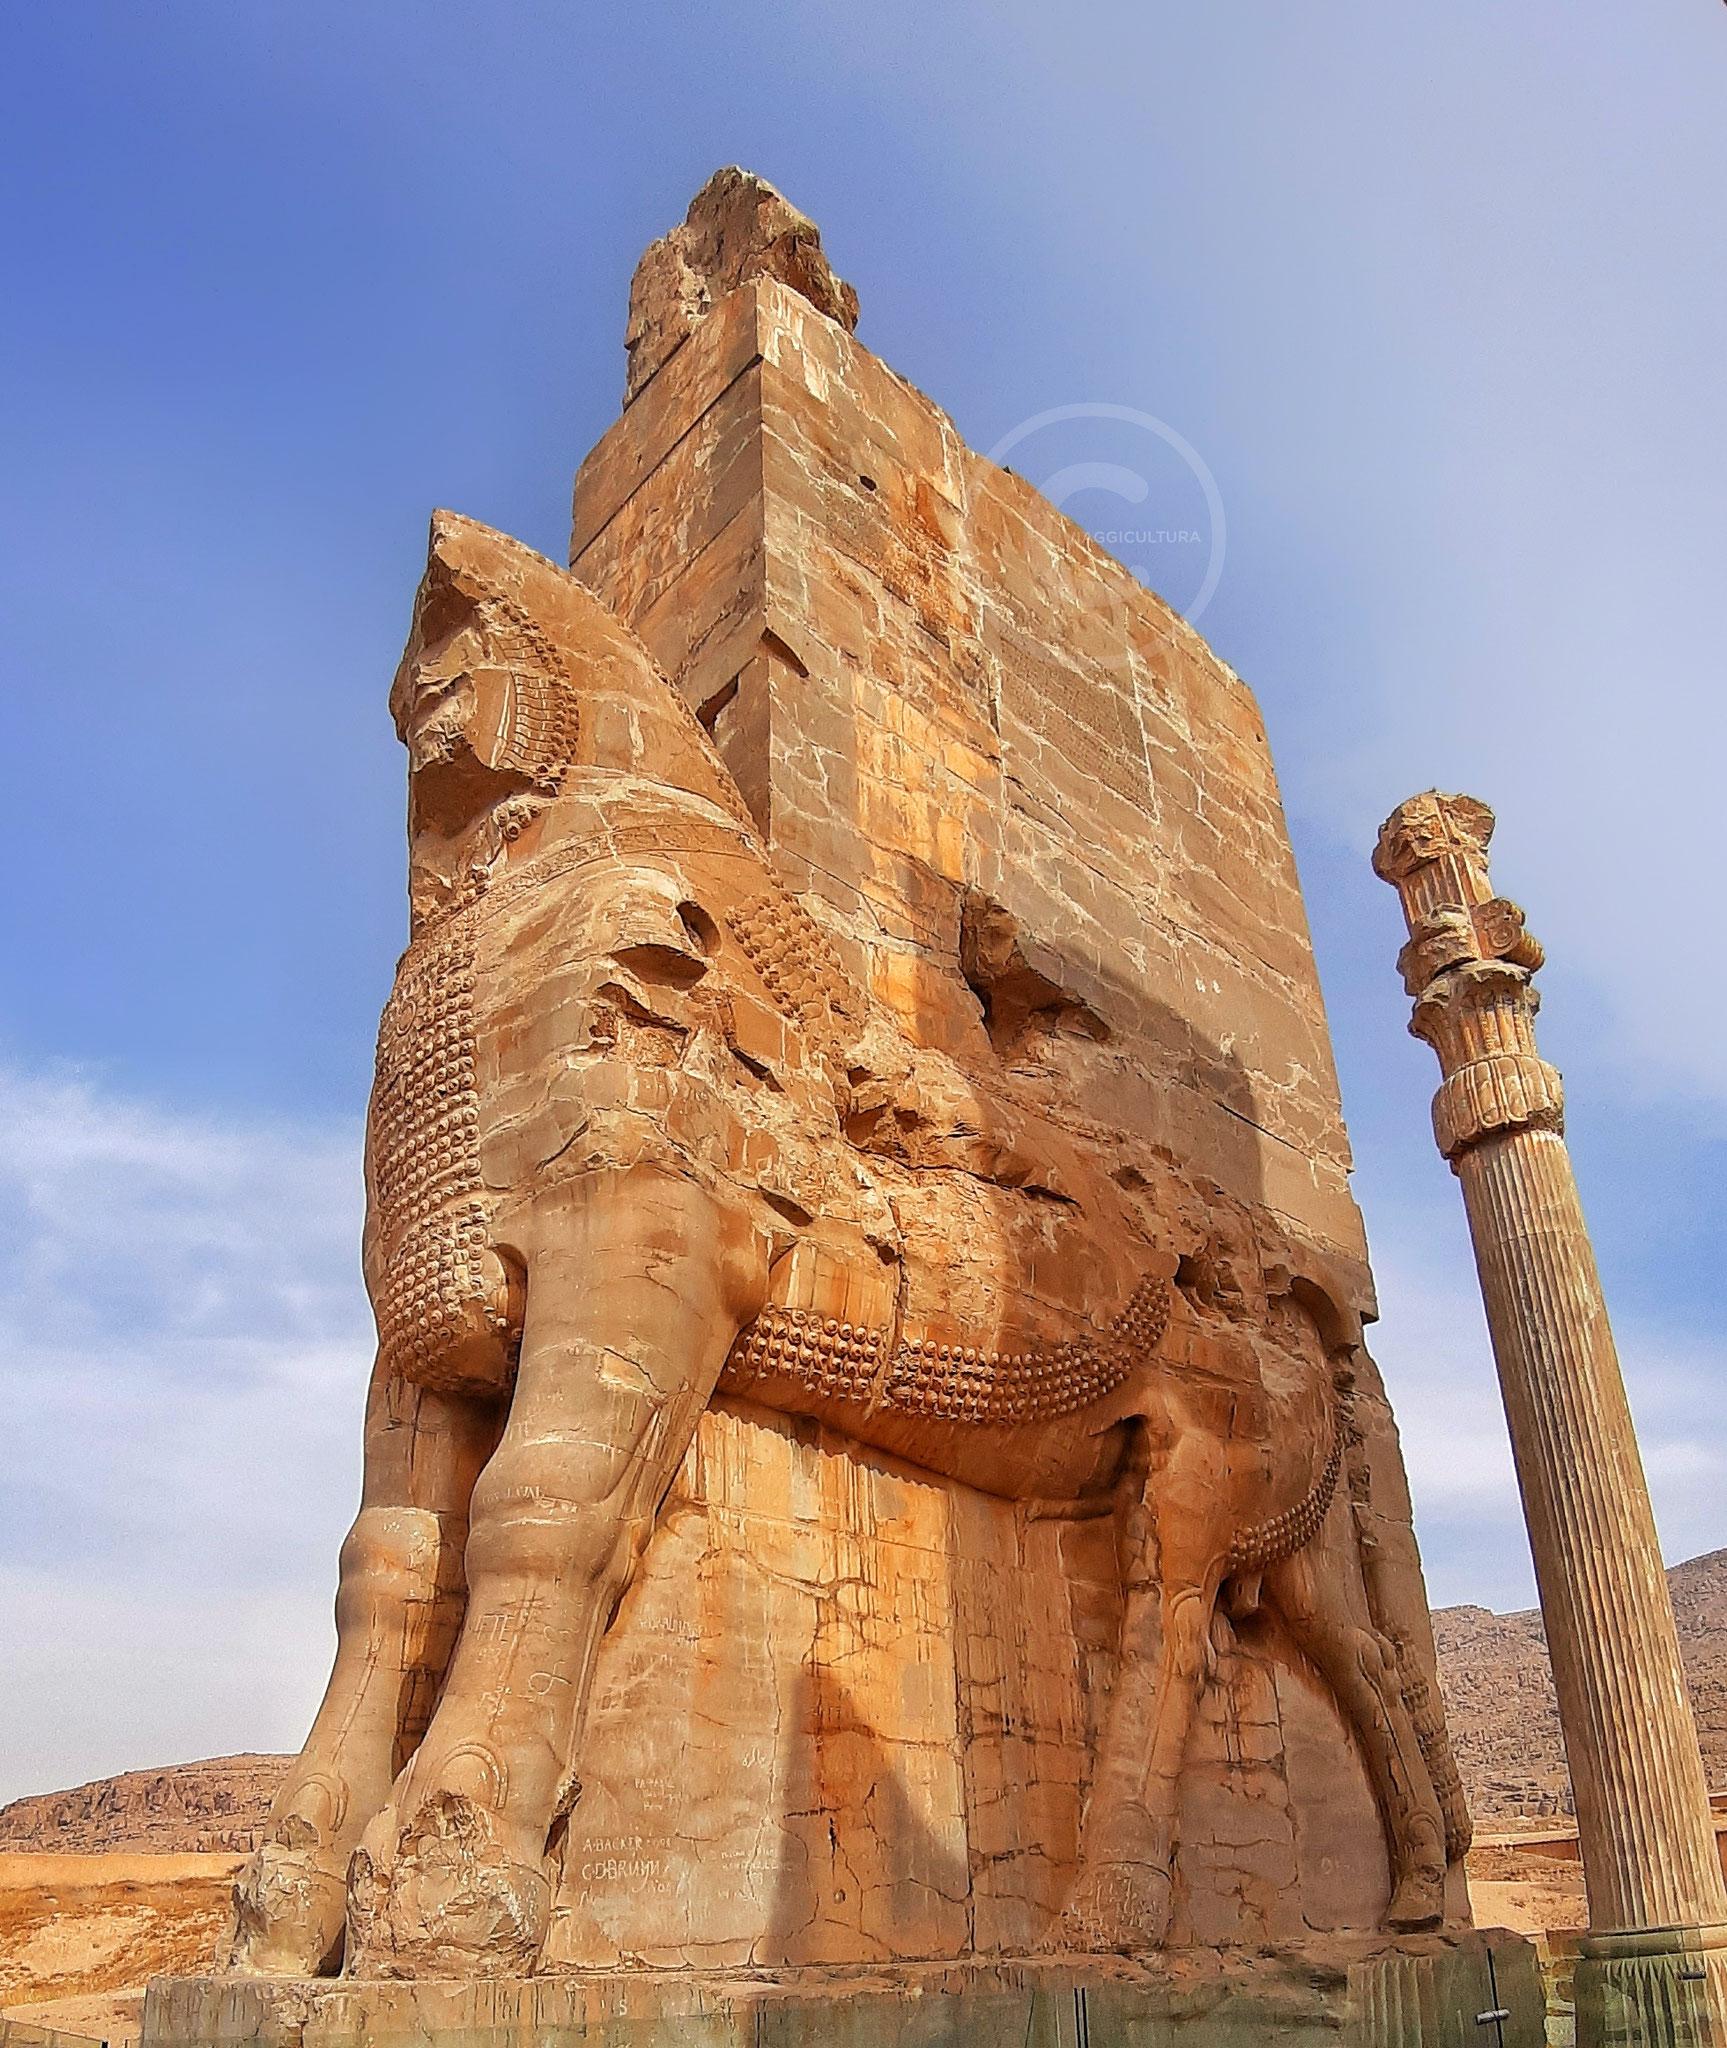 Pilastro dei propilei della Porta di Tutte le Nazioni, Persepoli (Iran)